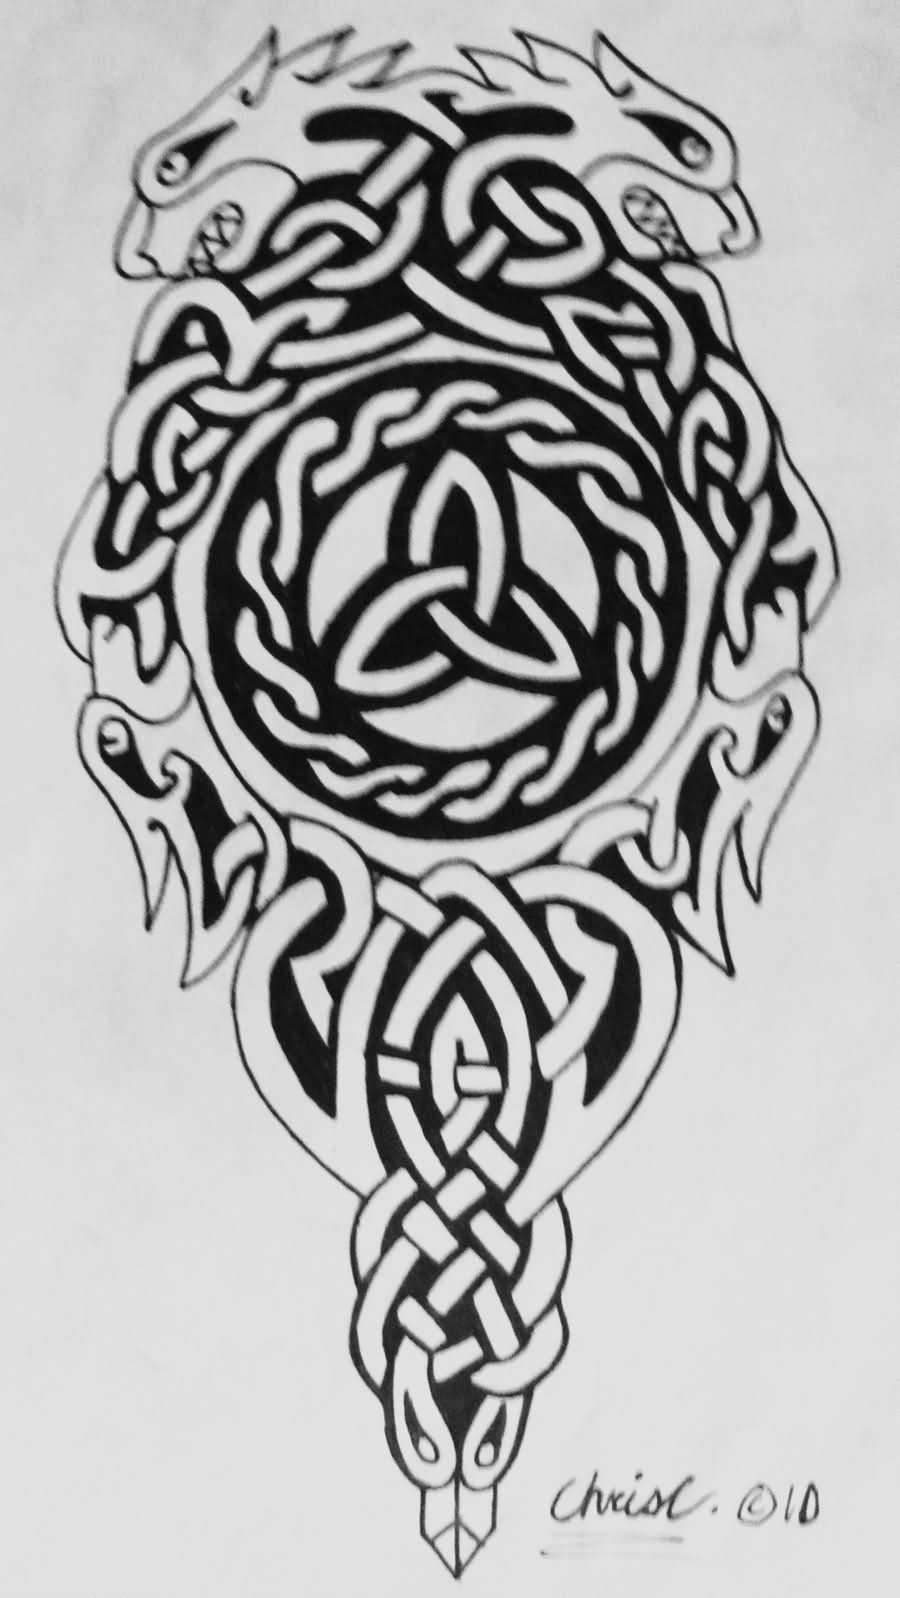 celtic tattoo images designs. Black Bedroom Furniture Sets. Home Design Ideas